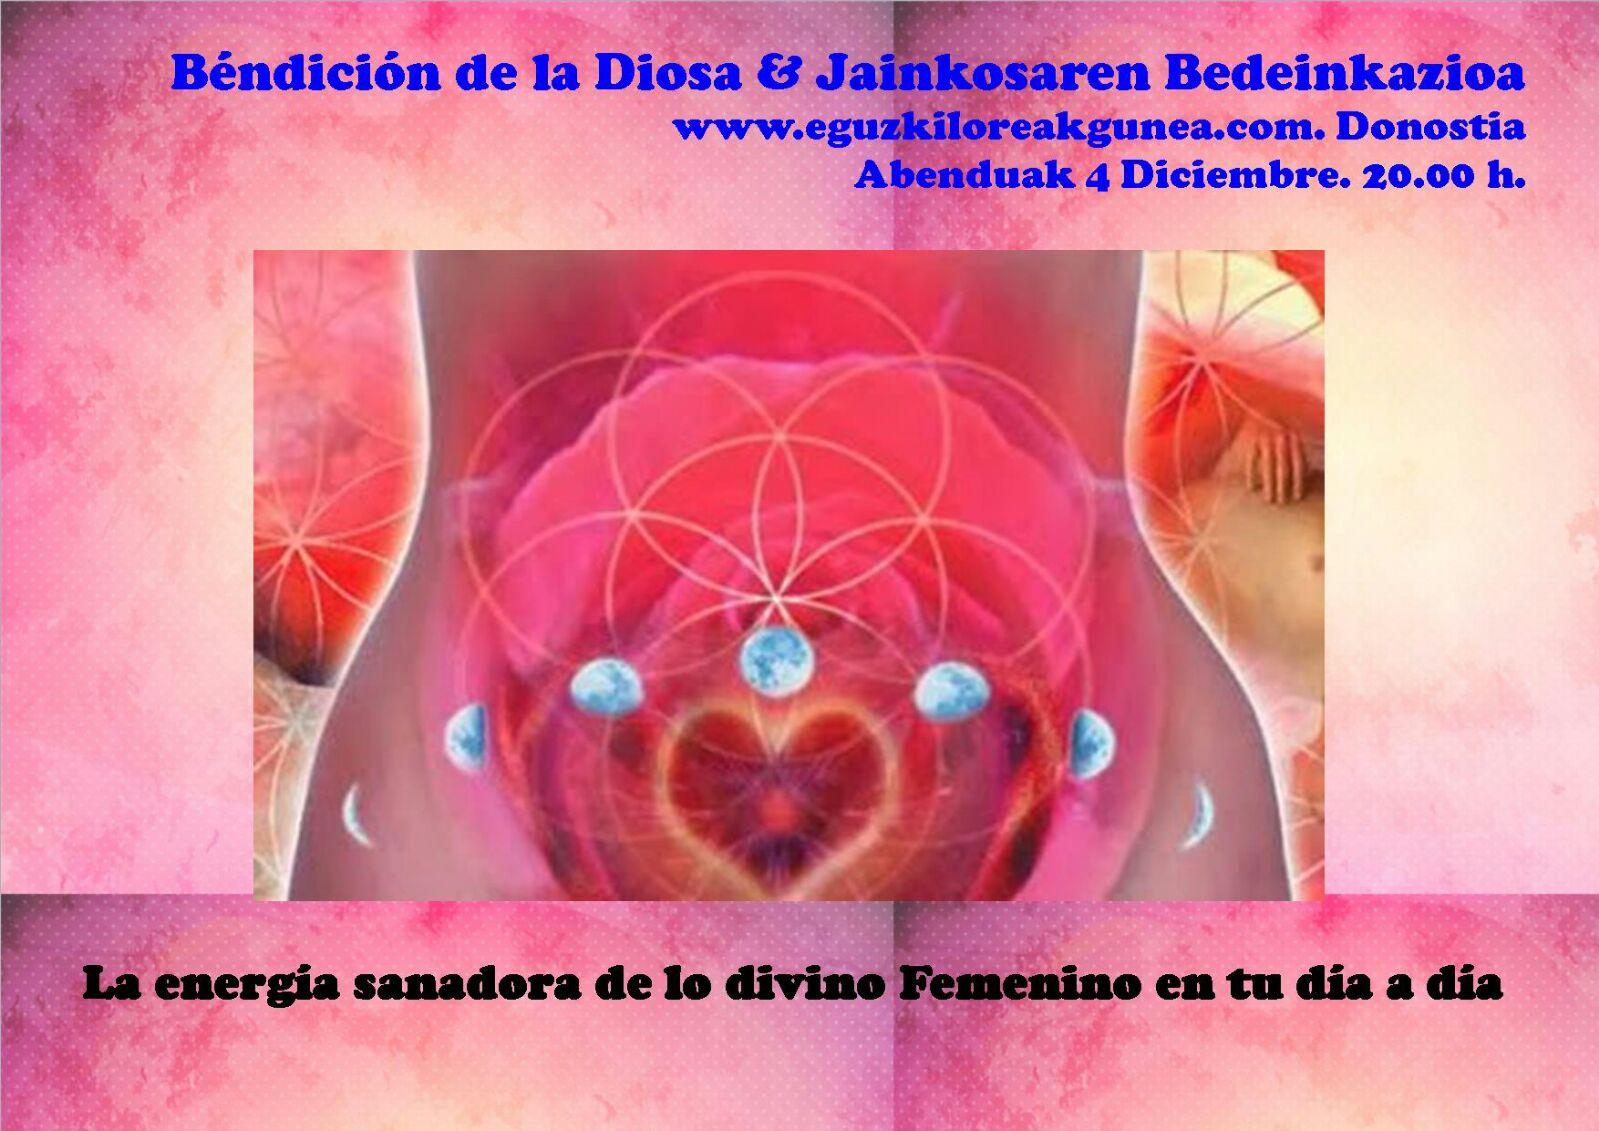 BENDICIÓN DE LA DIOSA EL LUNES 4 DE DICIEMBRE EN EGUZKILOREAK